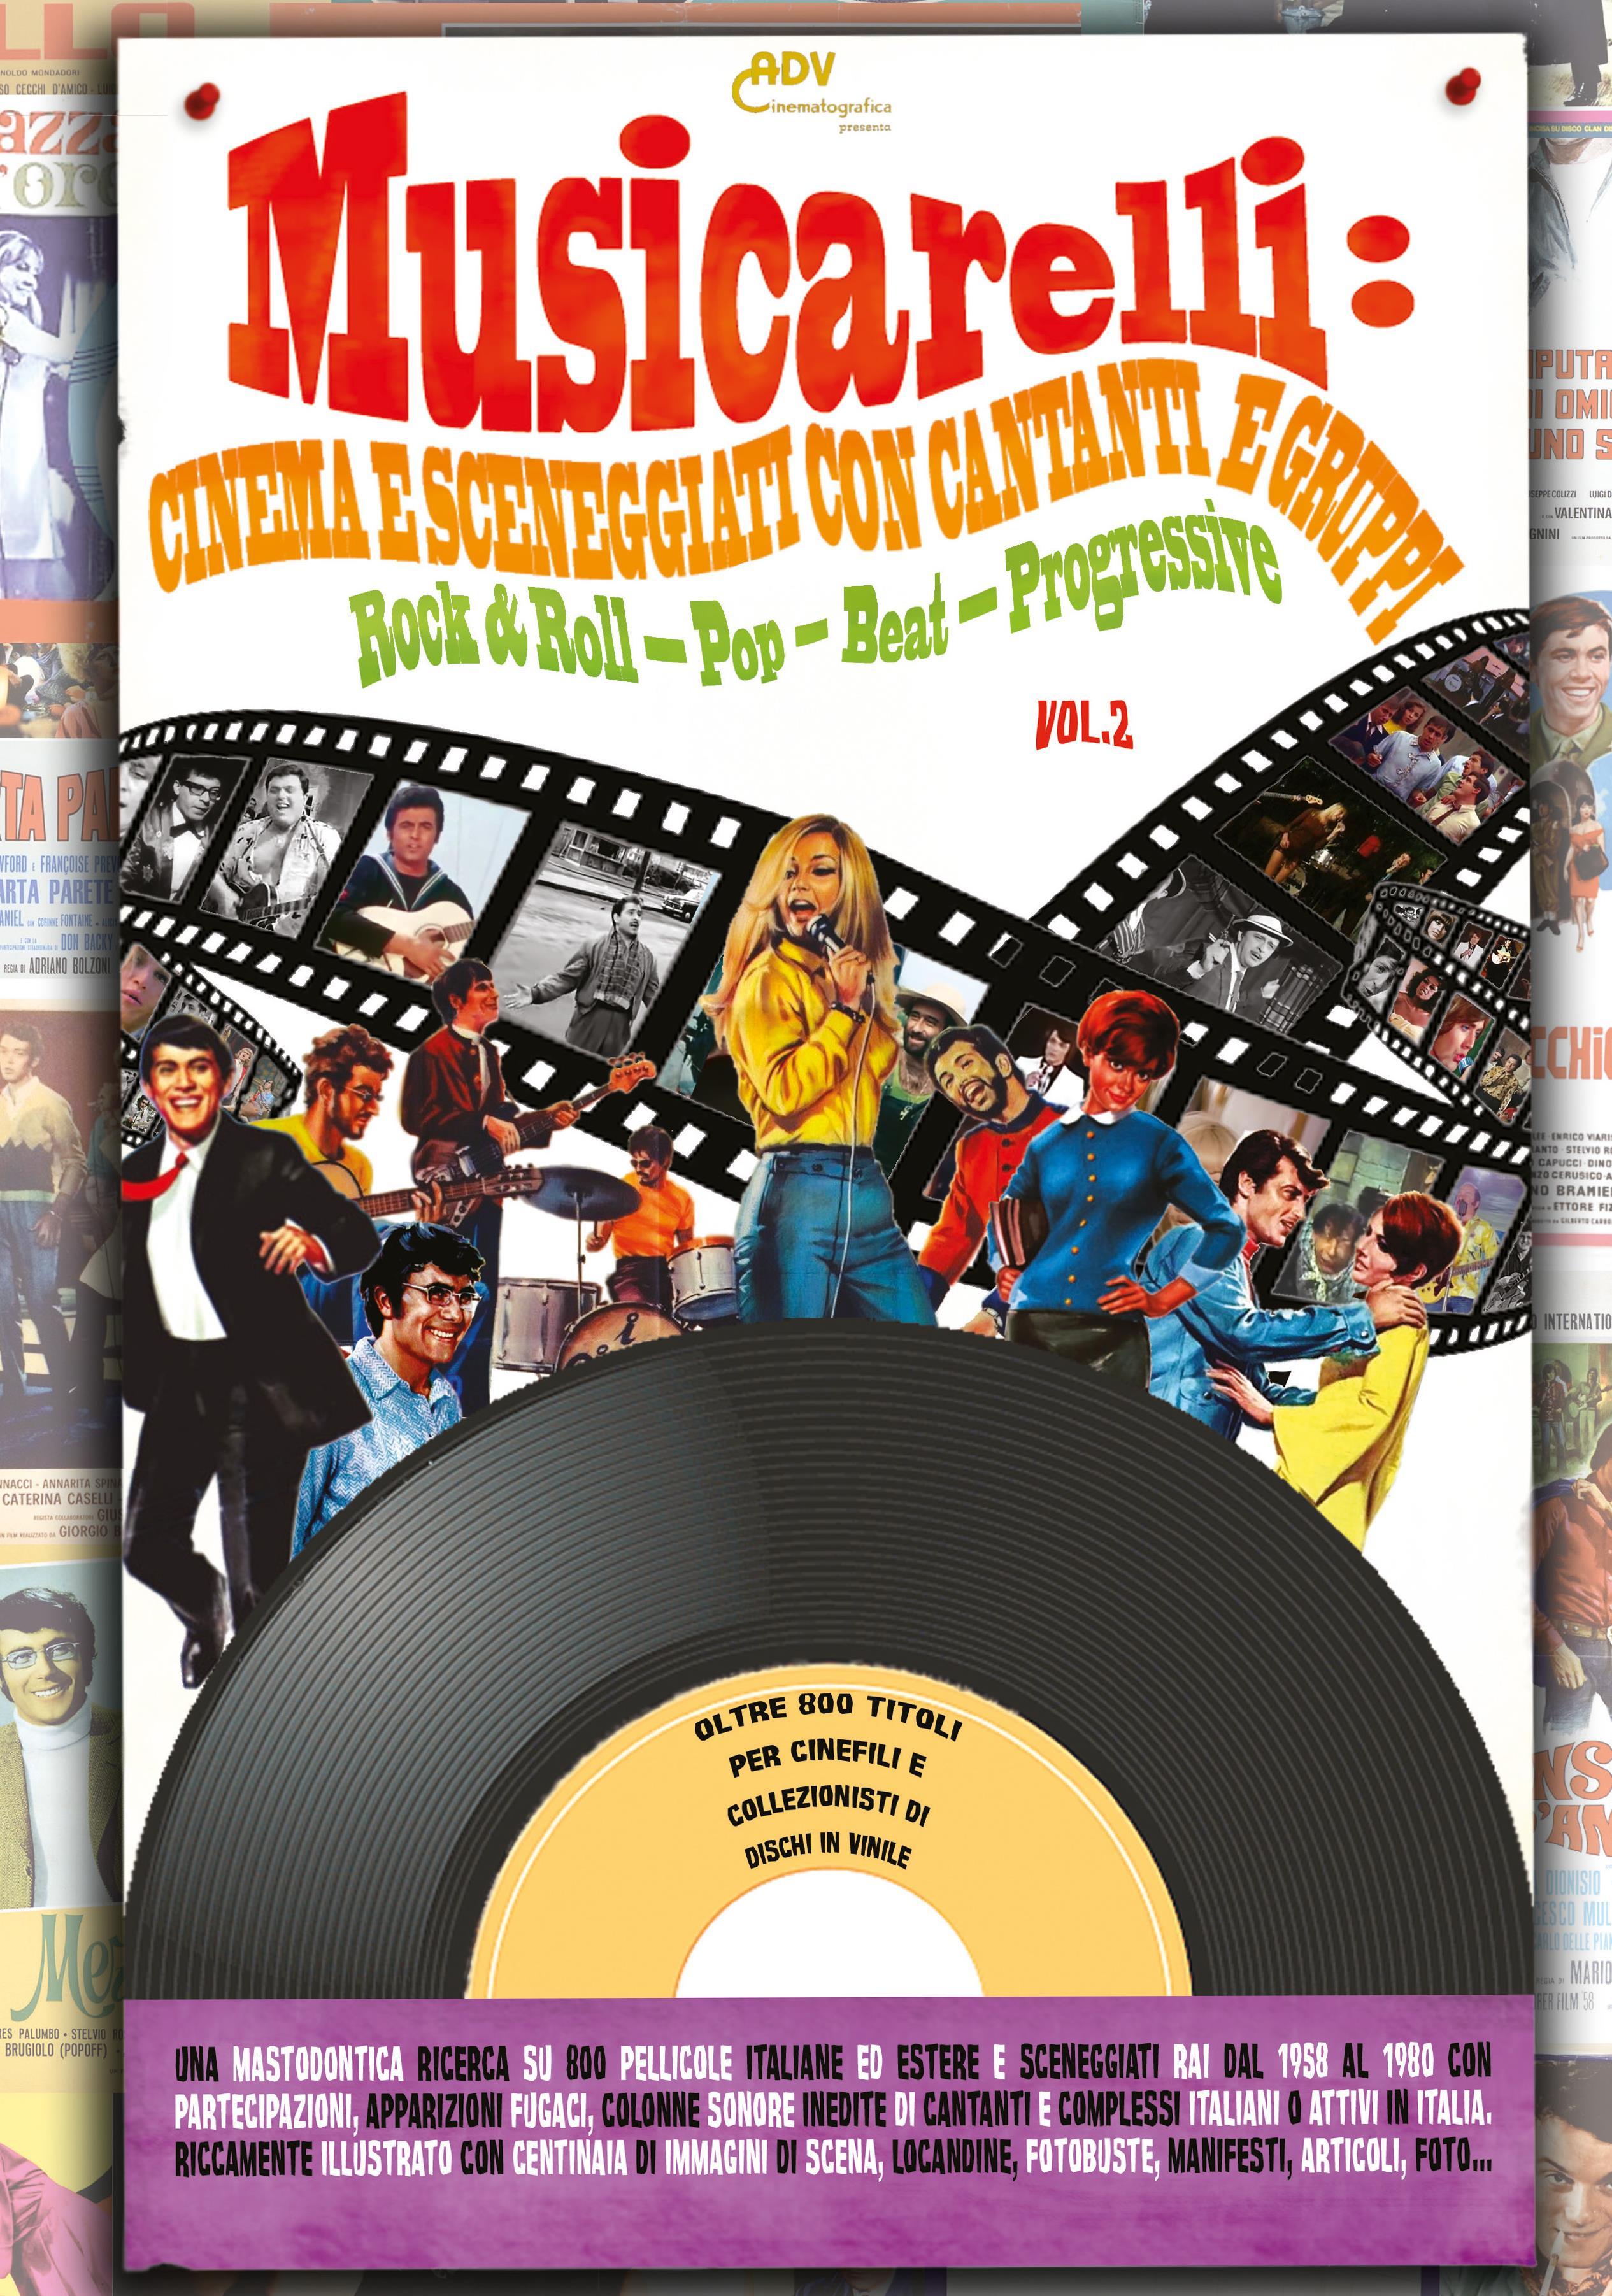 Musicarelli: Cinema e Sceneggiati con cantanti e gruppi Rock & Roll - Pop - Beat - Progressive (Vol.2)